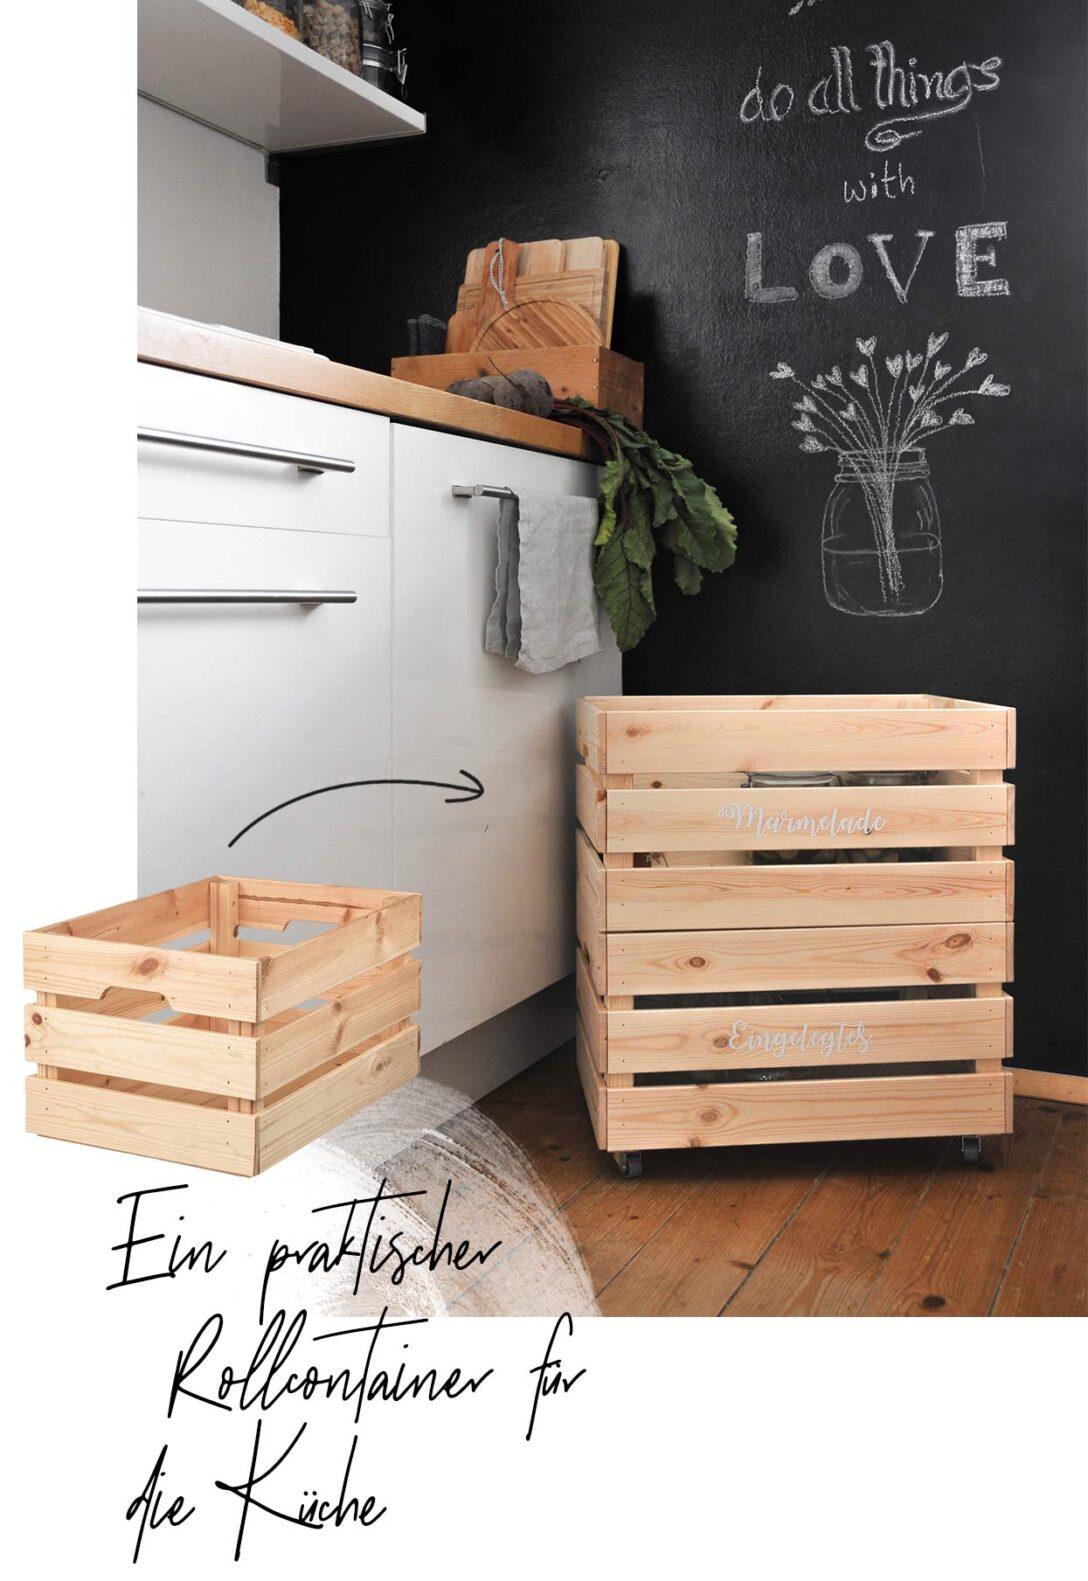 Large Size of Kisten Küche Toller Ikea Hack Einen Rollcontainer Selber Bauen Wohnklamotte Klapptisch Abfallbehälter Billige Anthrazit Kosten Schwarze Rolladenschrank Wohnzimmer Kisten Küche